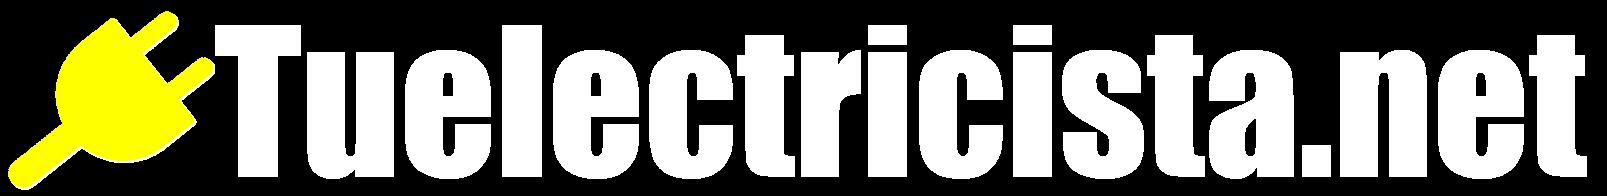 Tuelectricista.net | Electricistas profesionales en Madrid, Toledo y Alicante